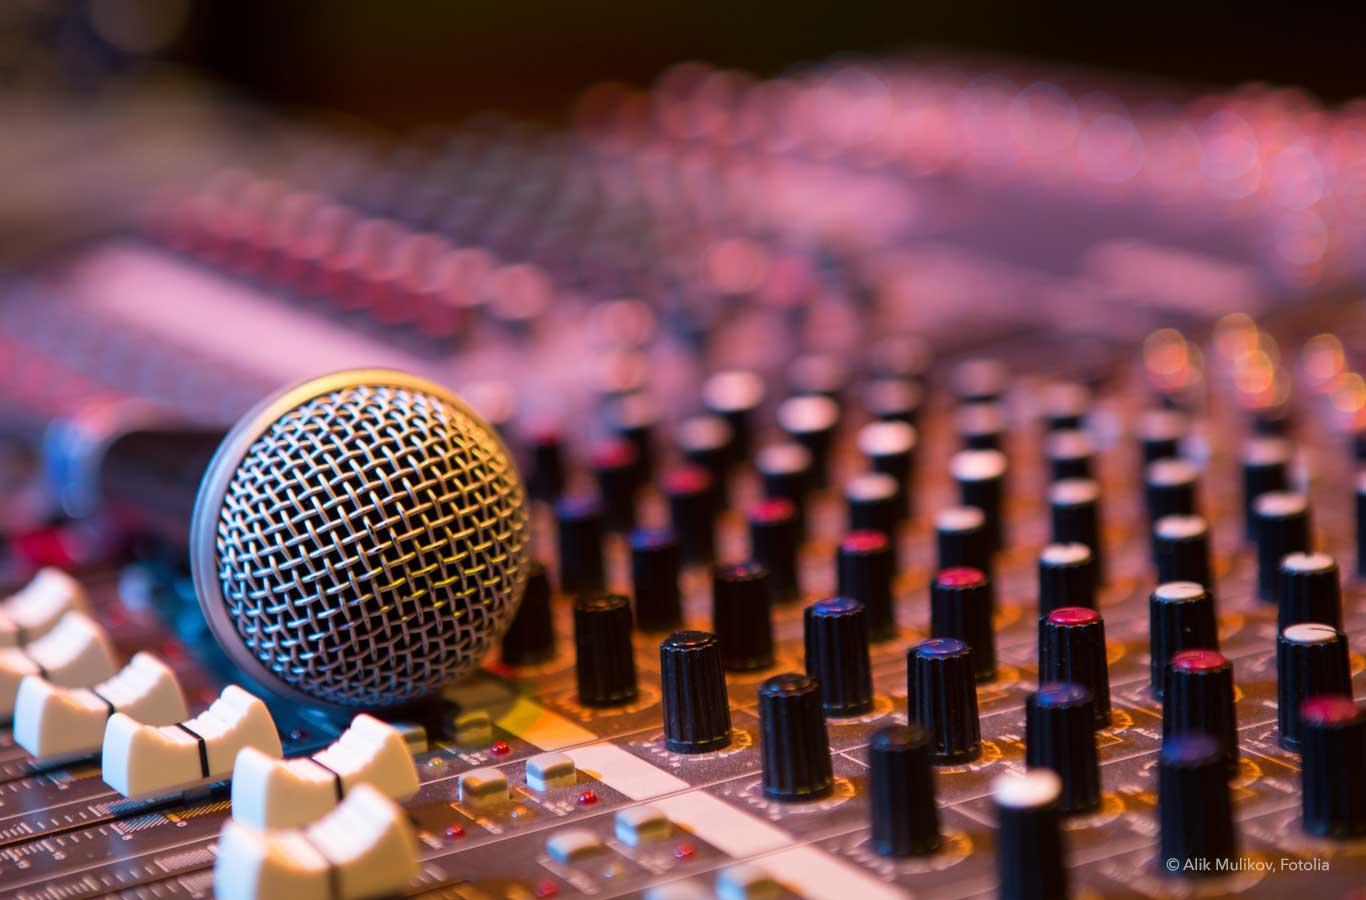 Radiowerbung: Symbolbild mit Mikrofon auf Mischpult